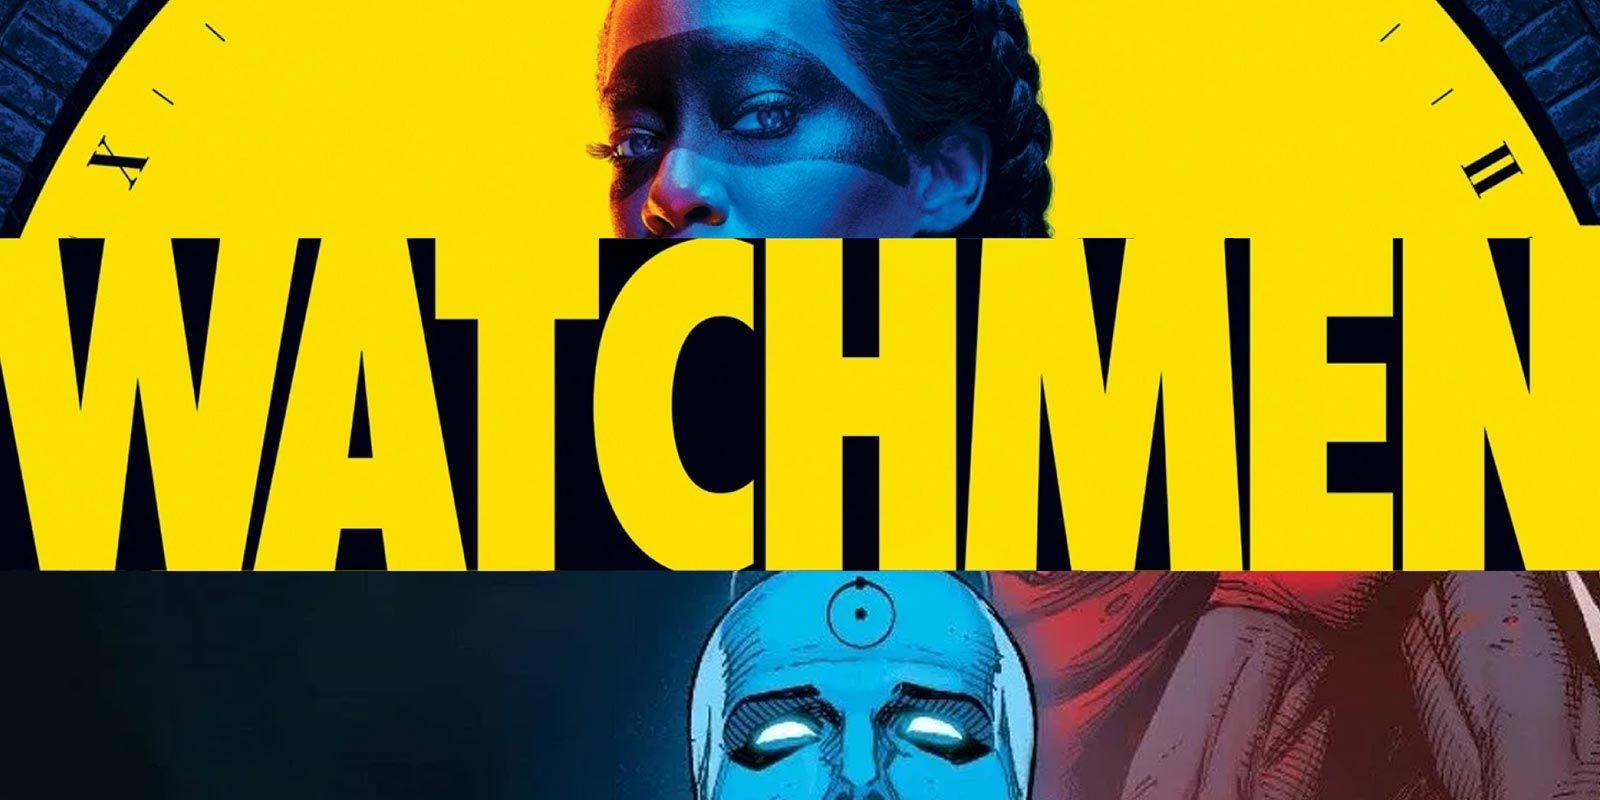 Hbo Watchmen Vs Doomsday Clock The Better Ending Belongs To